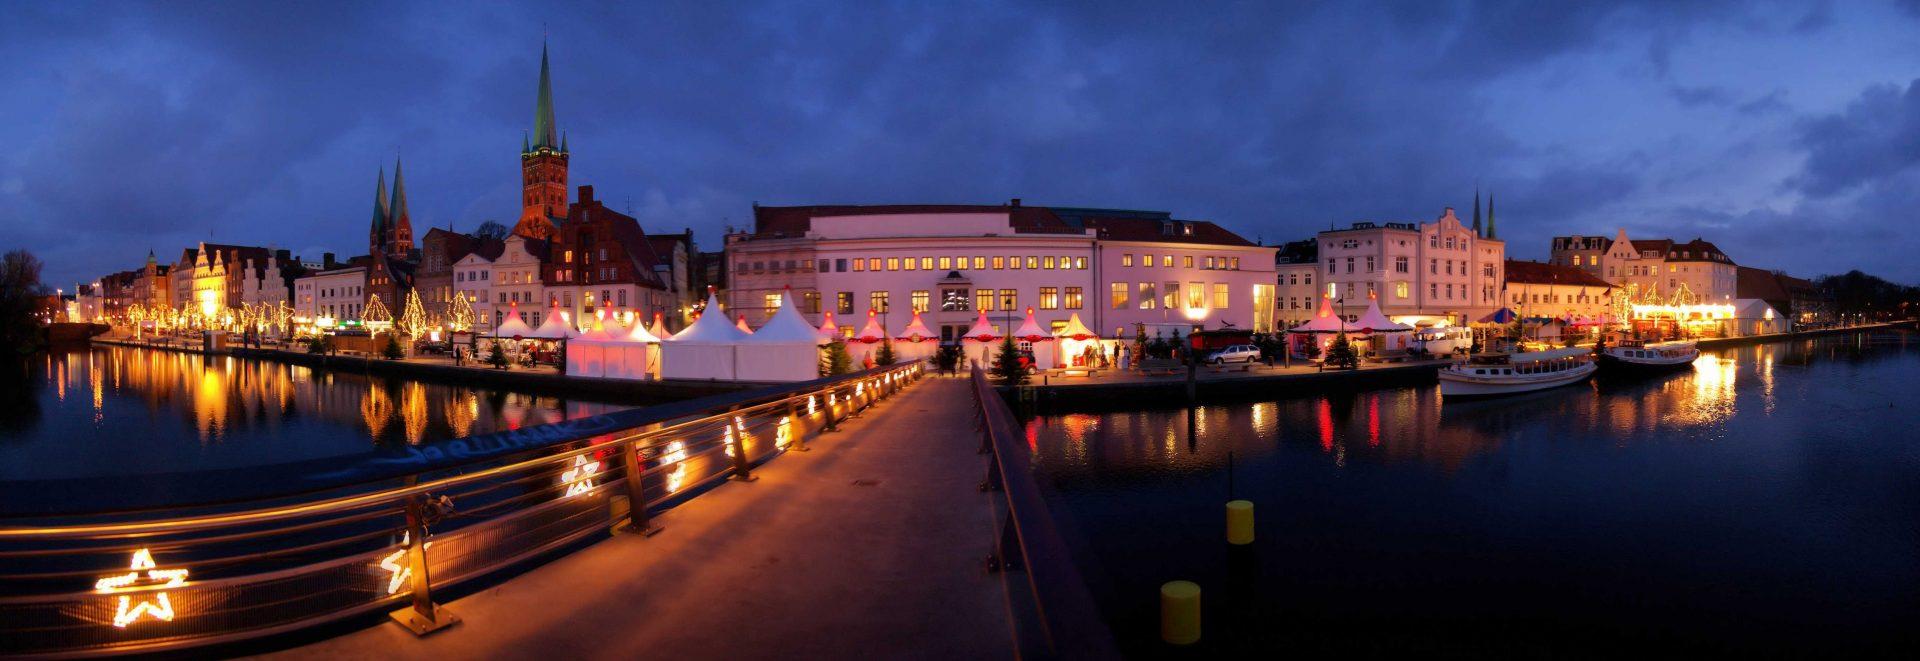 Lübeck die Weihnachtsstadt des Nordens.